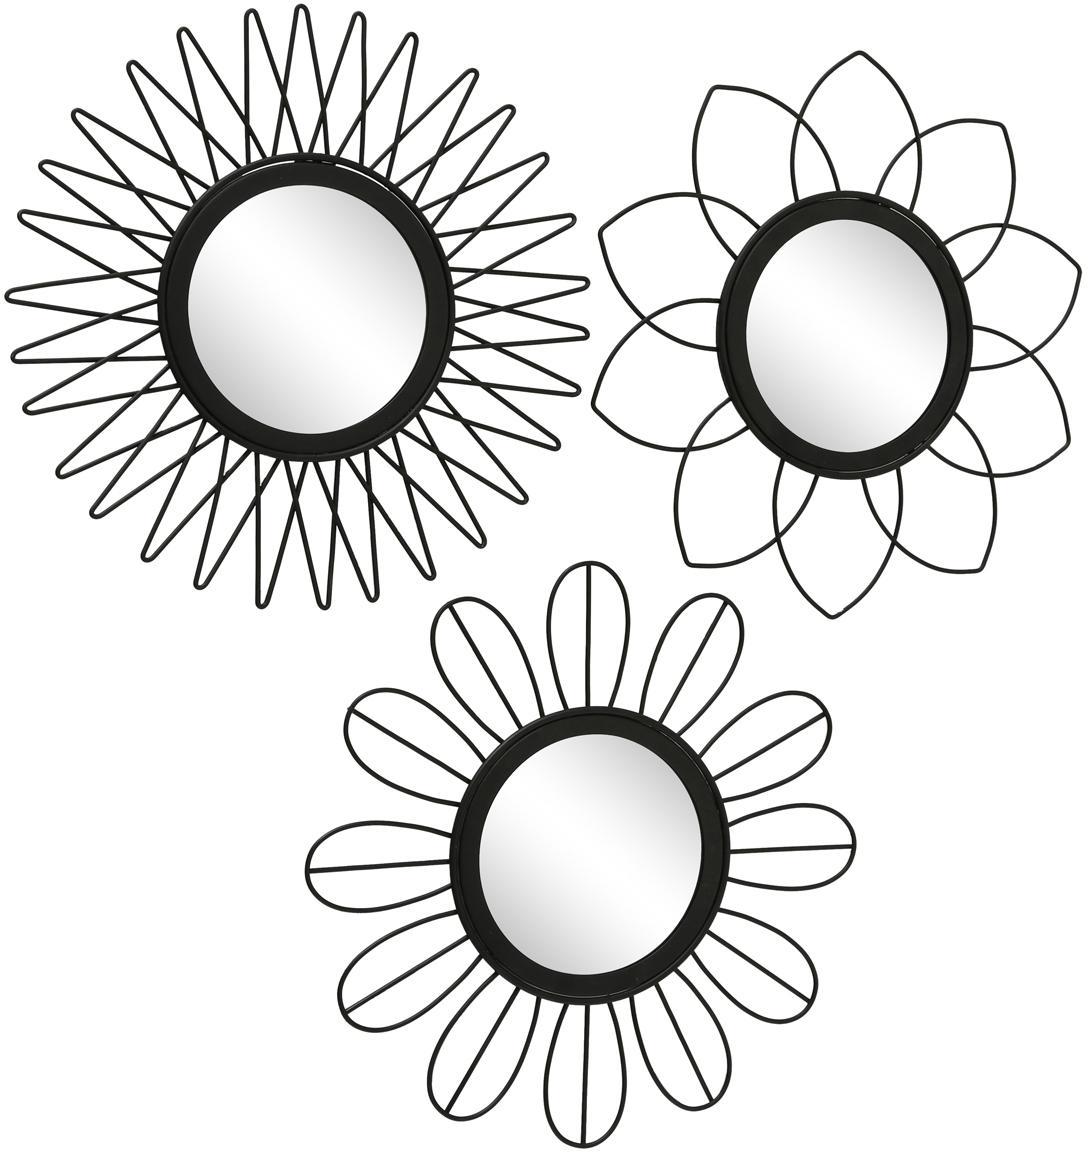 Komplet okrągłych luster ściennych Naima, 3 elem., Metal, szkło lustrzane, Czarny, Ø 27 cm